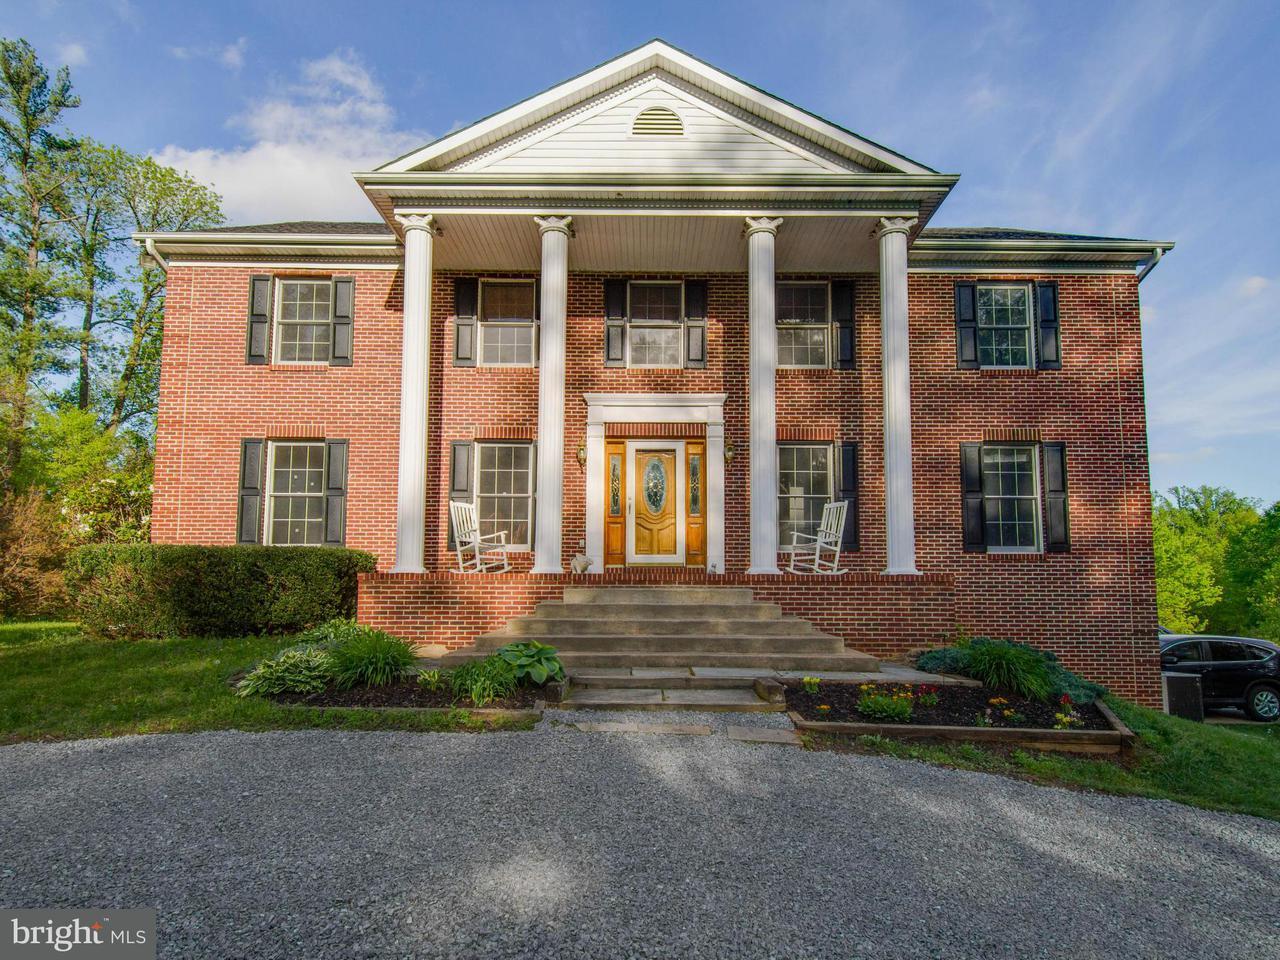 Частный односемейный дом для того Продажа на 6231 BALLS MILL Road 6231 BALLS MILL Road Midland, Виргиния 22728 Соединенные Штаты